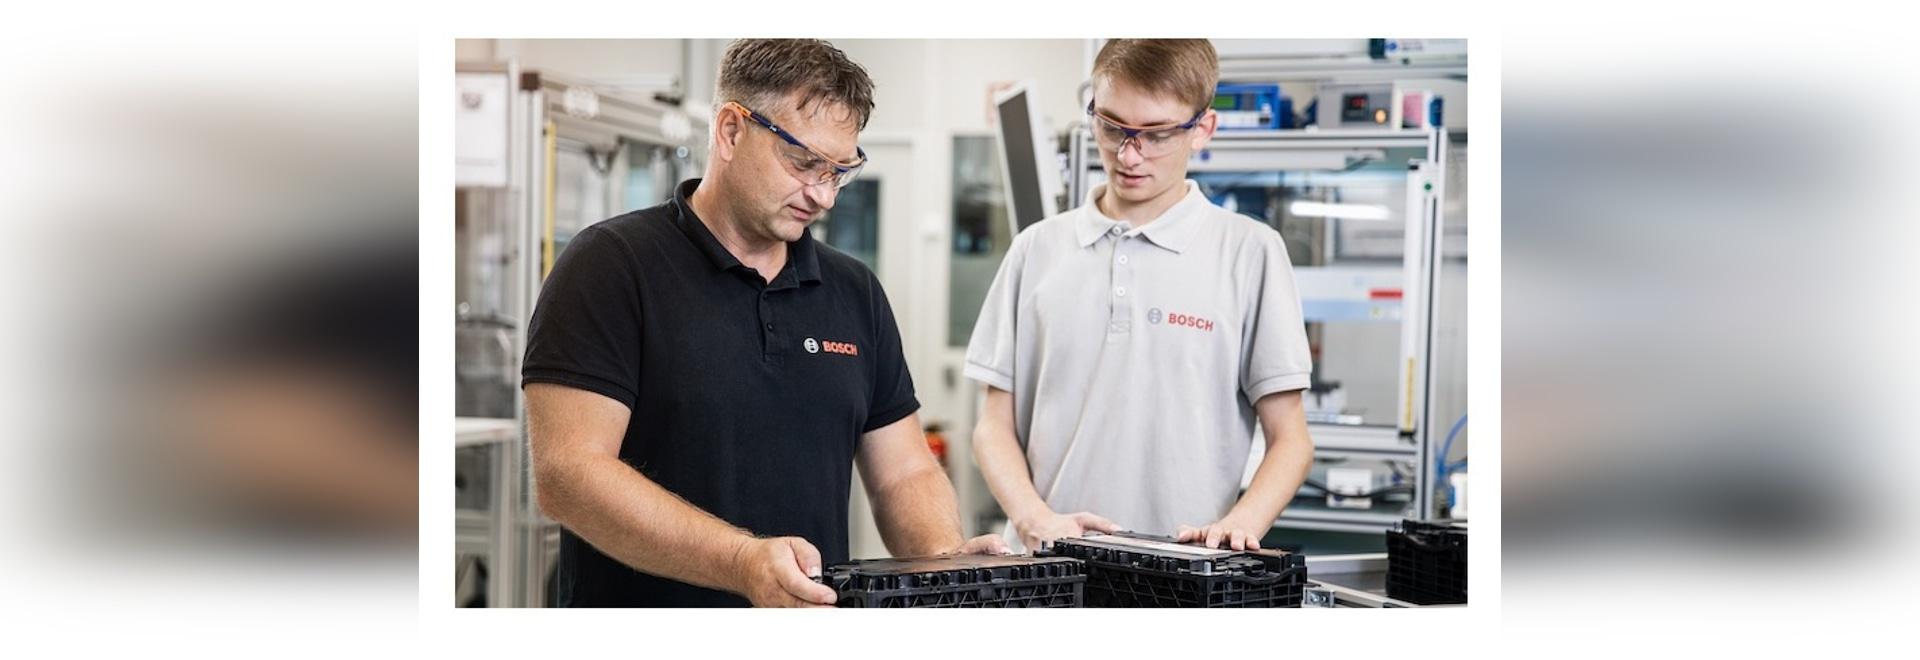 Bosch und CATL kooperieren bei der Herstellung von 48-Volt-Batteriezellen